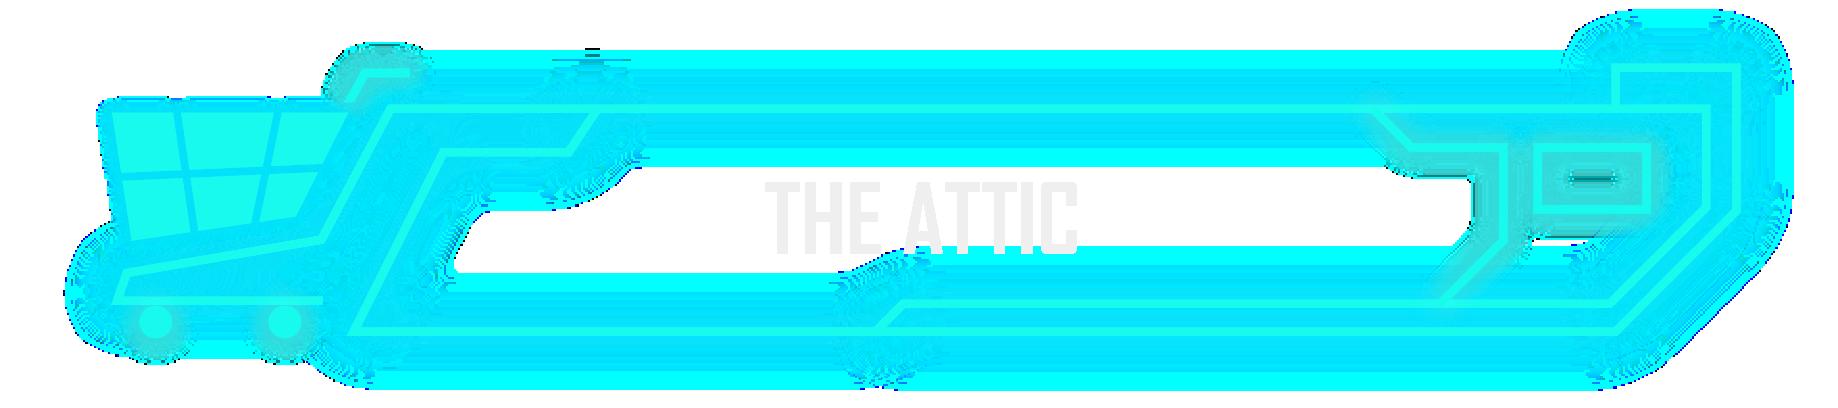 ret the attic-01.png